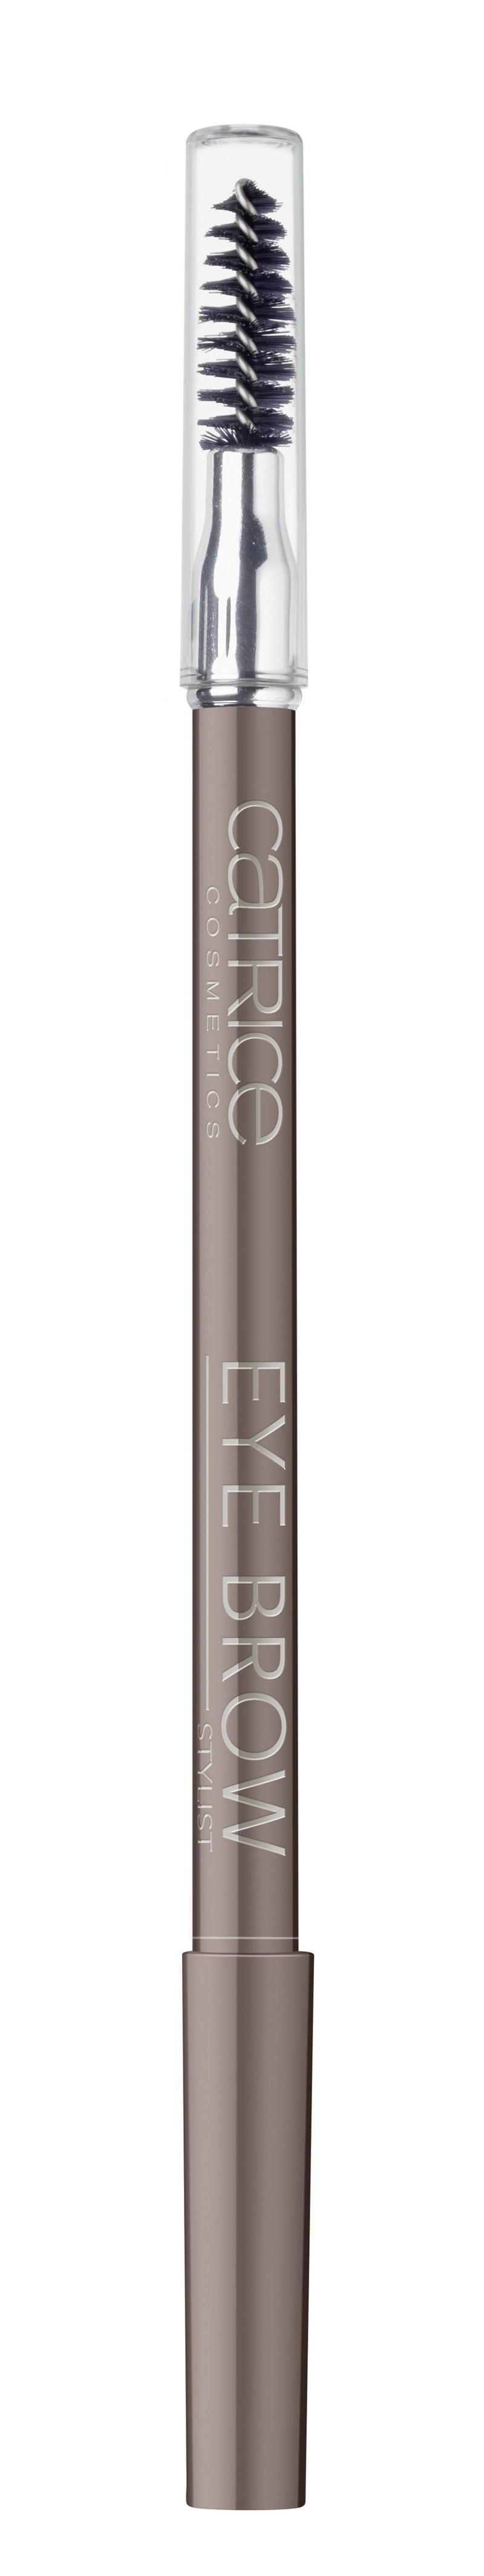 CATRICE Контур для бровей со щеткой Eye Brow Stylist 030 Brow-n-eyed Peas коричневый, 1,6гр48776Незаменимое средство для Ваших бровей В практичном дизайне в форме ручки. Благодаря профессиональной щеточке, создает идеальную форму бровей, на которую очень легко нанести пудровую текстуру карандаша и сделать натуральные, естественные брови. Вы больше никогда без него не выйдете из дома!